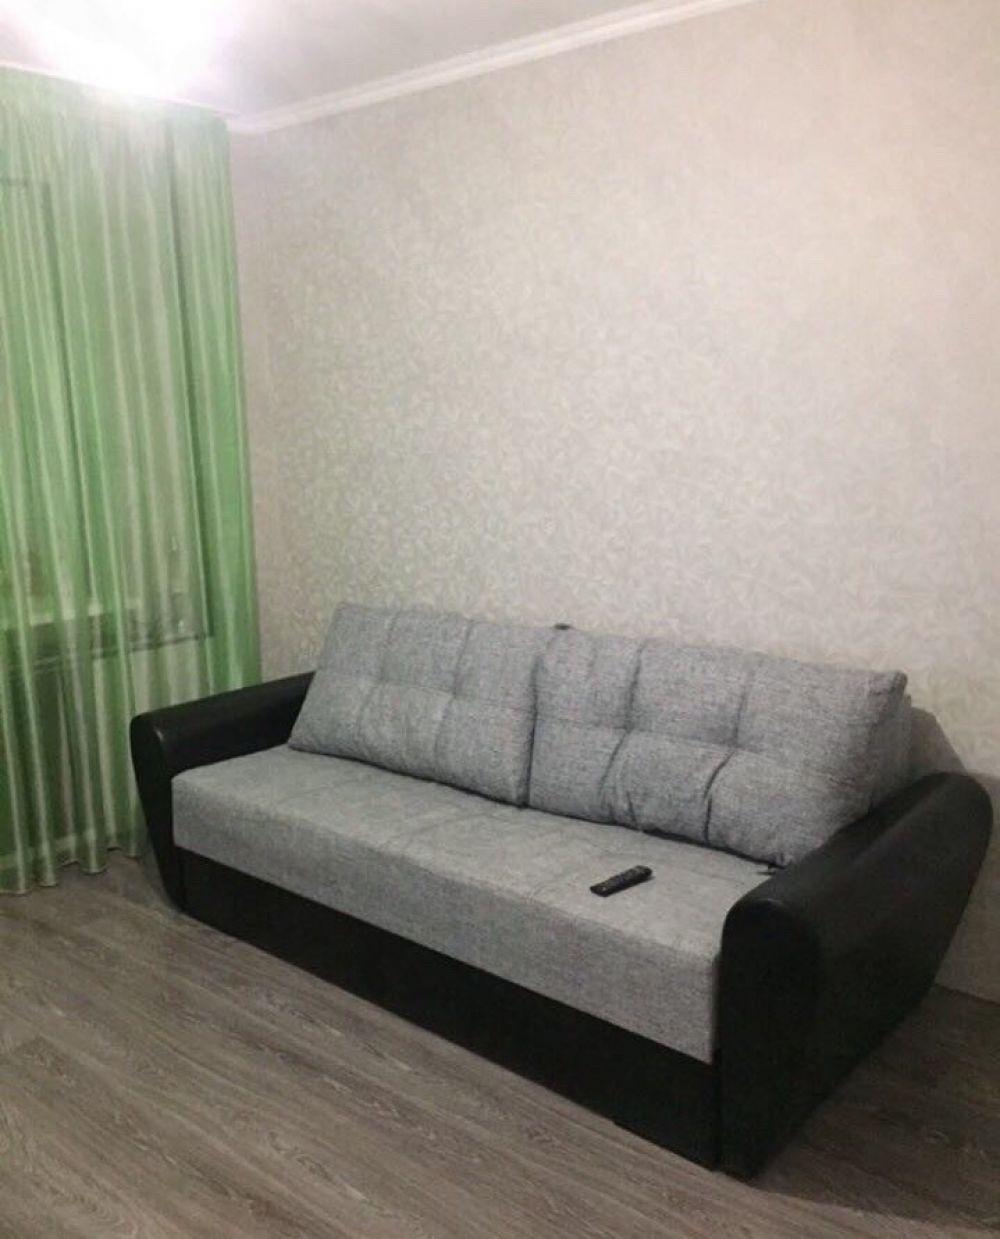 Продается 1-к квартира 36 кв.м городской округ Лосино-Петровский, фото 5